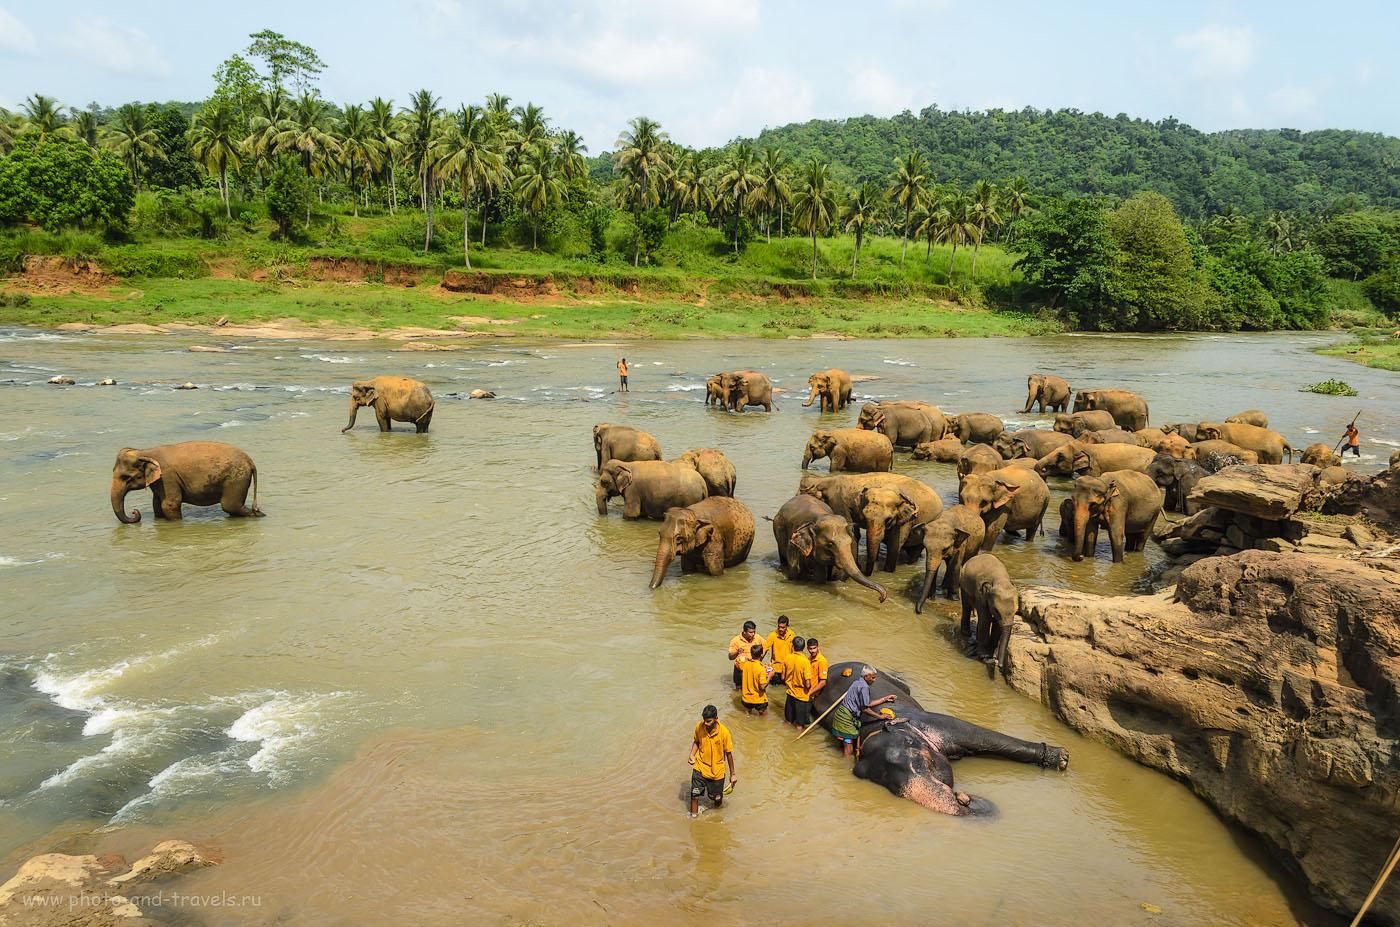 Фото 9. Деревня Пиннавела. Купание слонов в реке в приюте для слонов Pinnawala Elephant Orphanage. Отзывы туристов об отдыхе на Шри-Ланке.